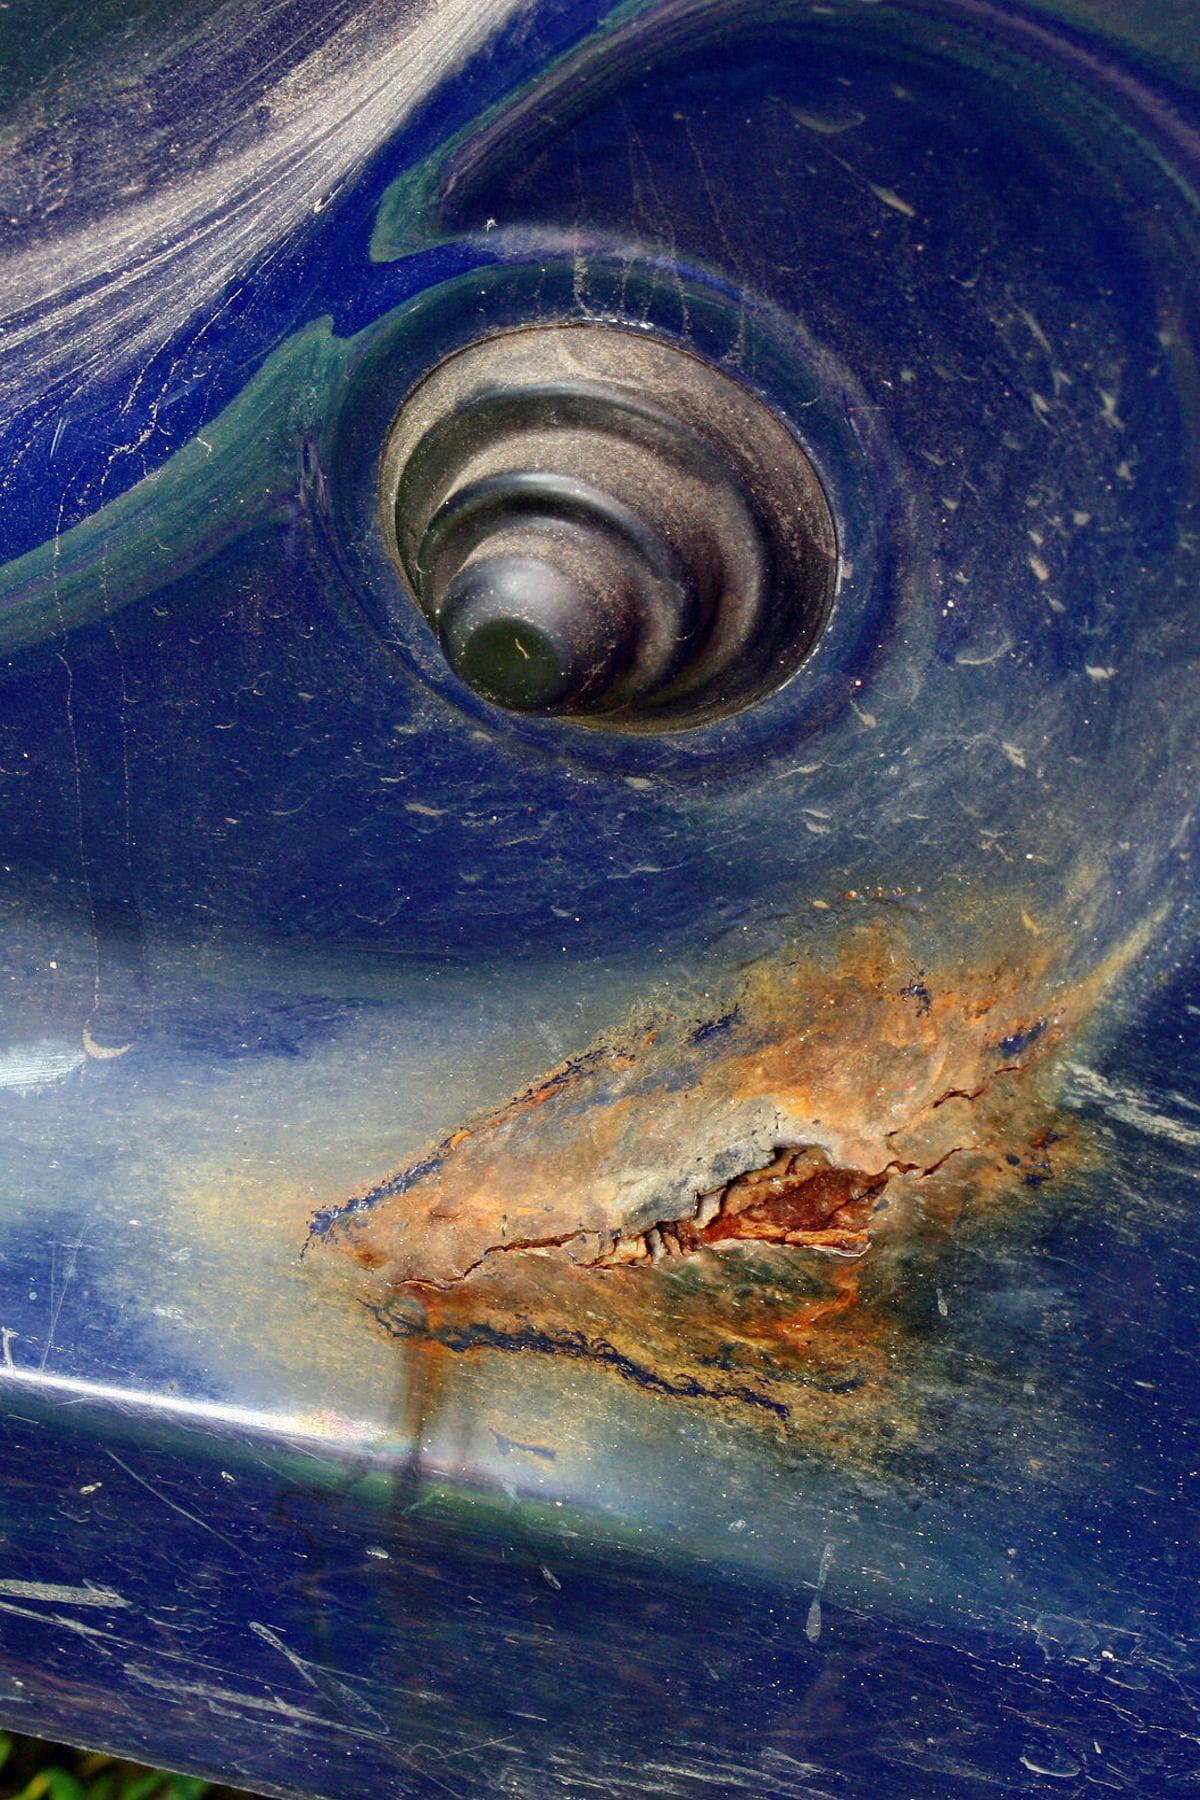 Comment enlever de la rouille sur la carrosserie - Nettoyer la rouille ...